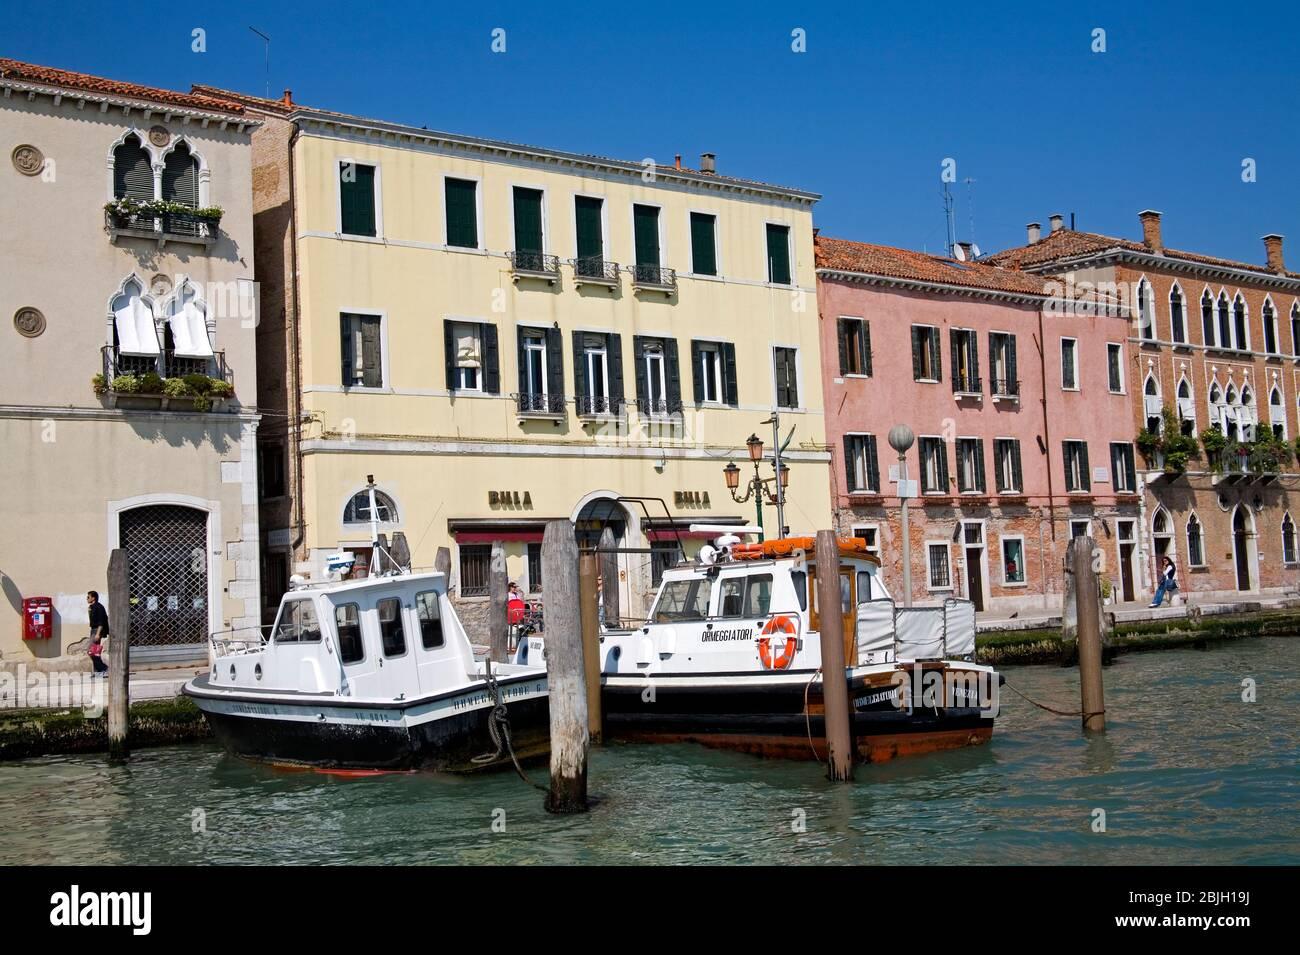 Police Boats,Santa Marta District, Canale di Fusina, Venice, Italy Stock Photo